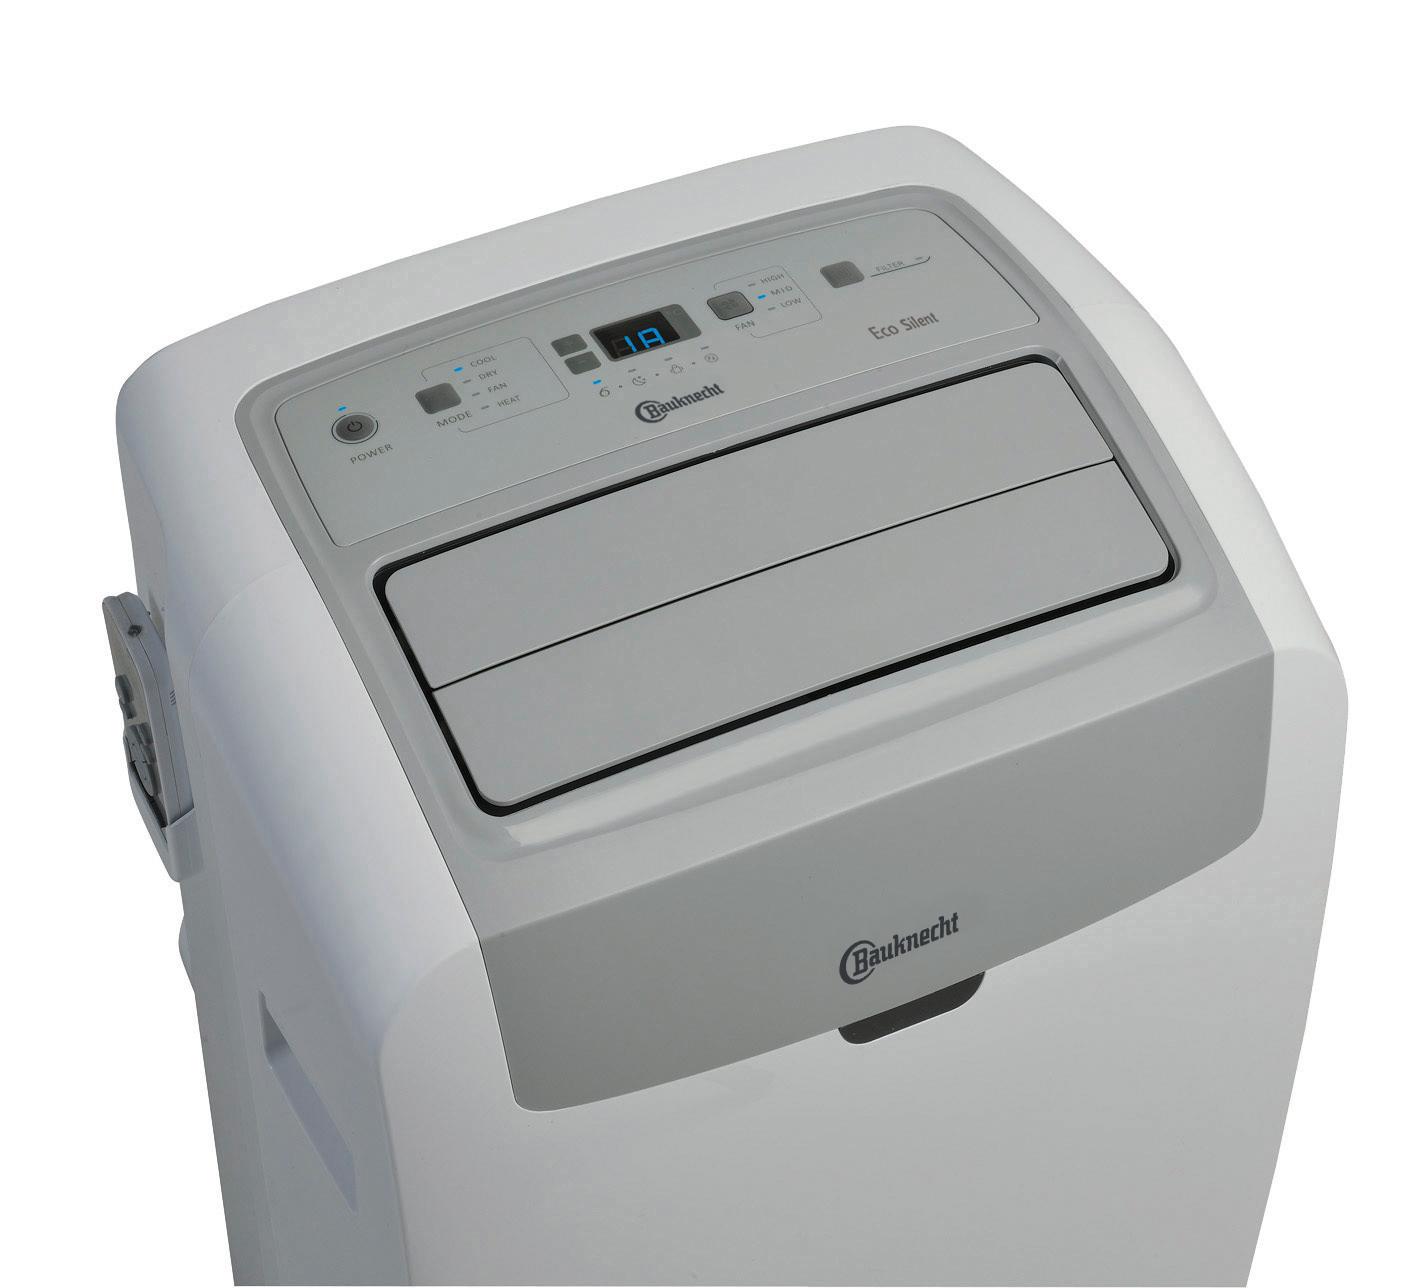 Bauknecht Klimagerät PACW29HPBK zum Kühlen, Lüften, Entfeuchten, Heizen.